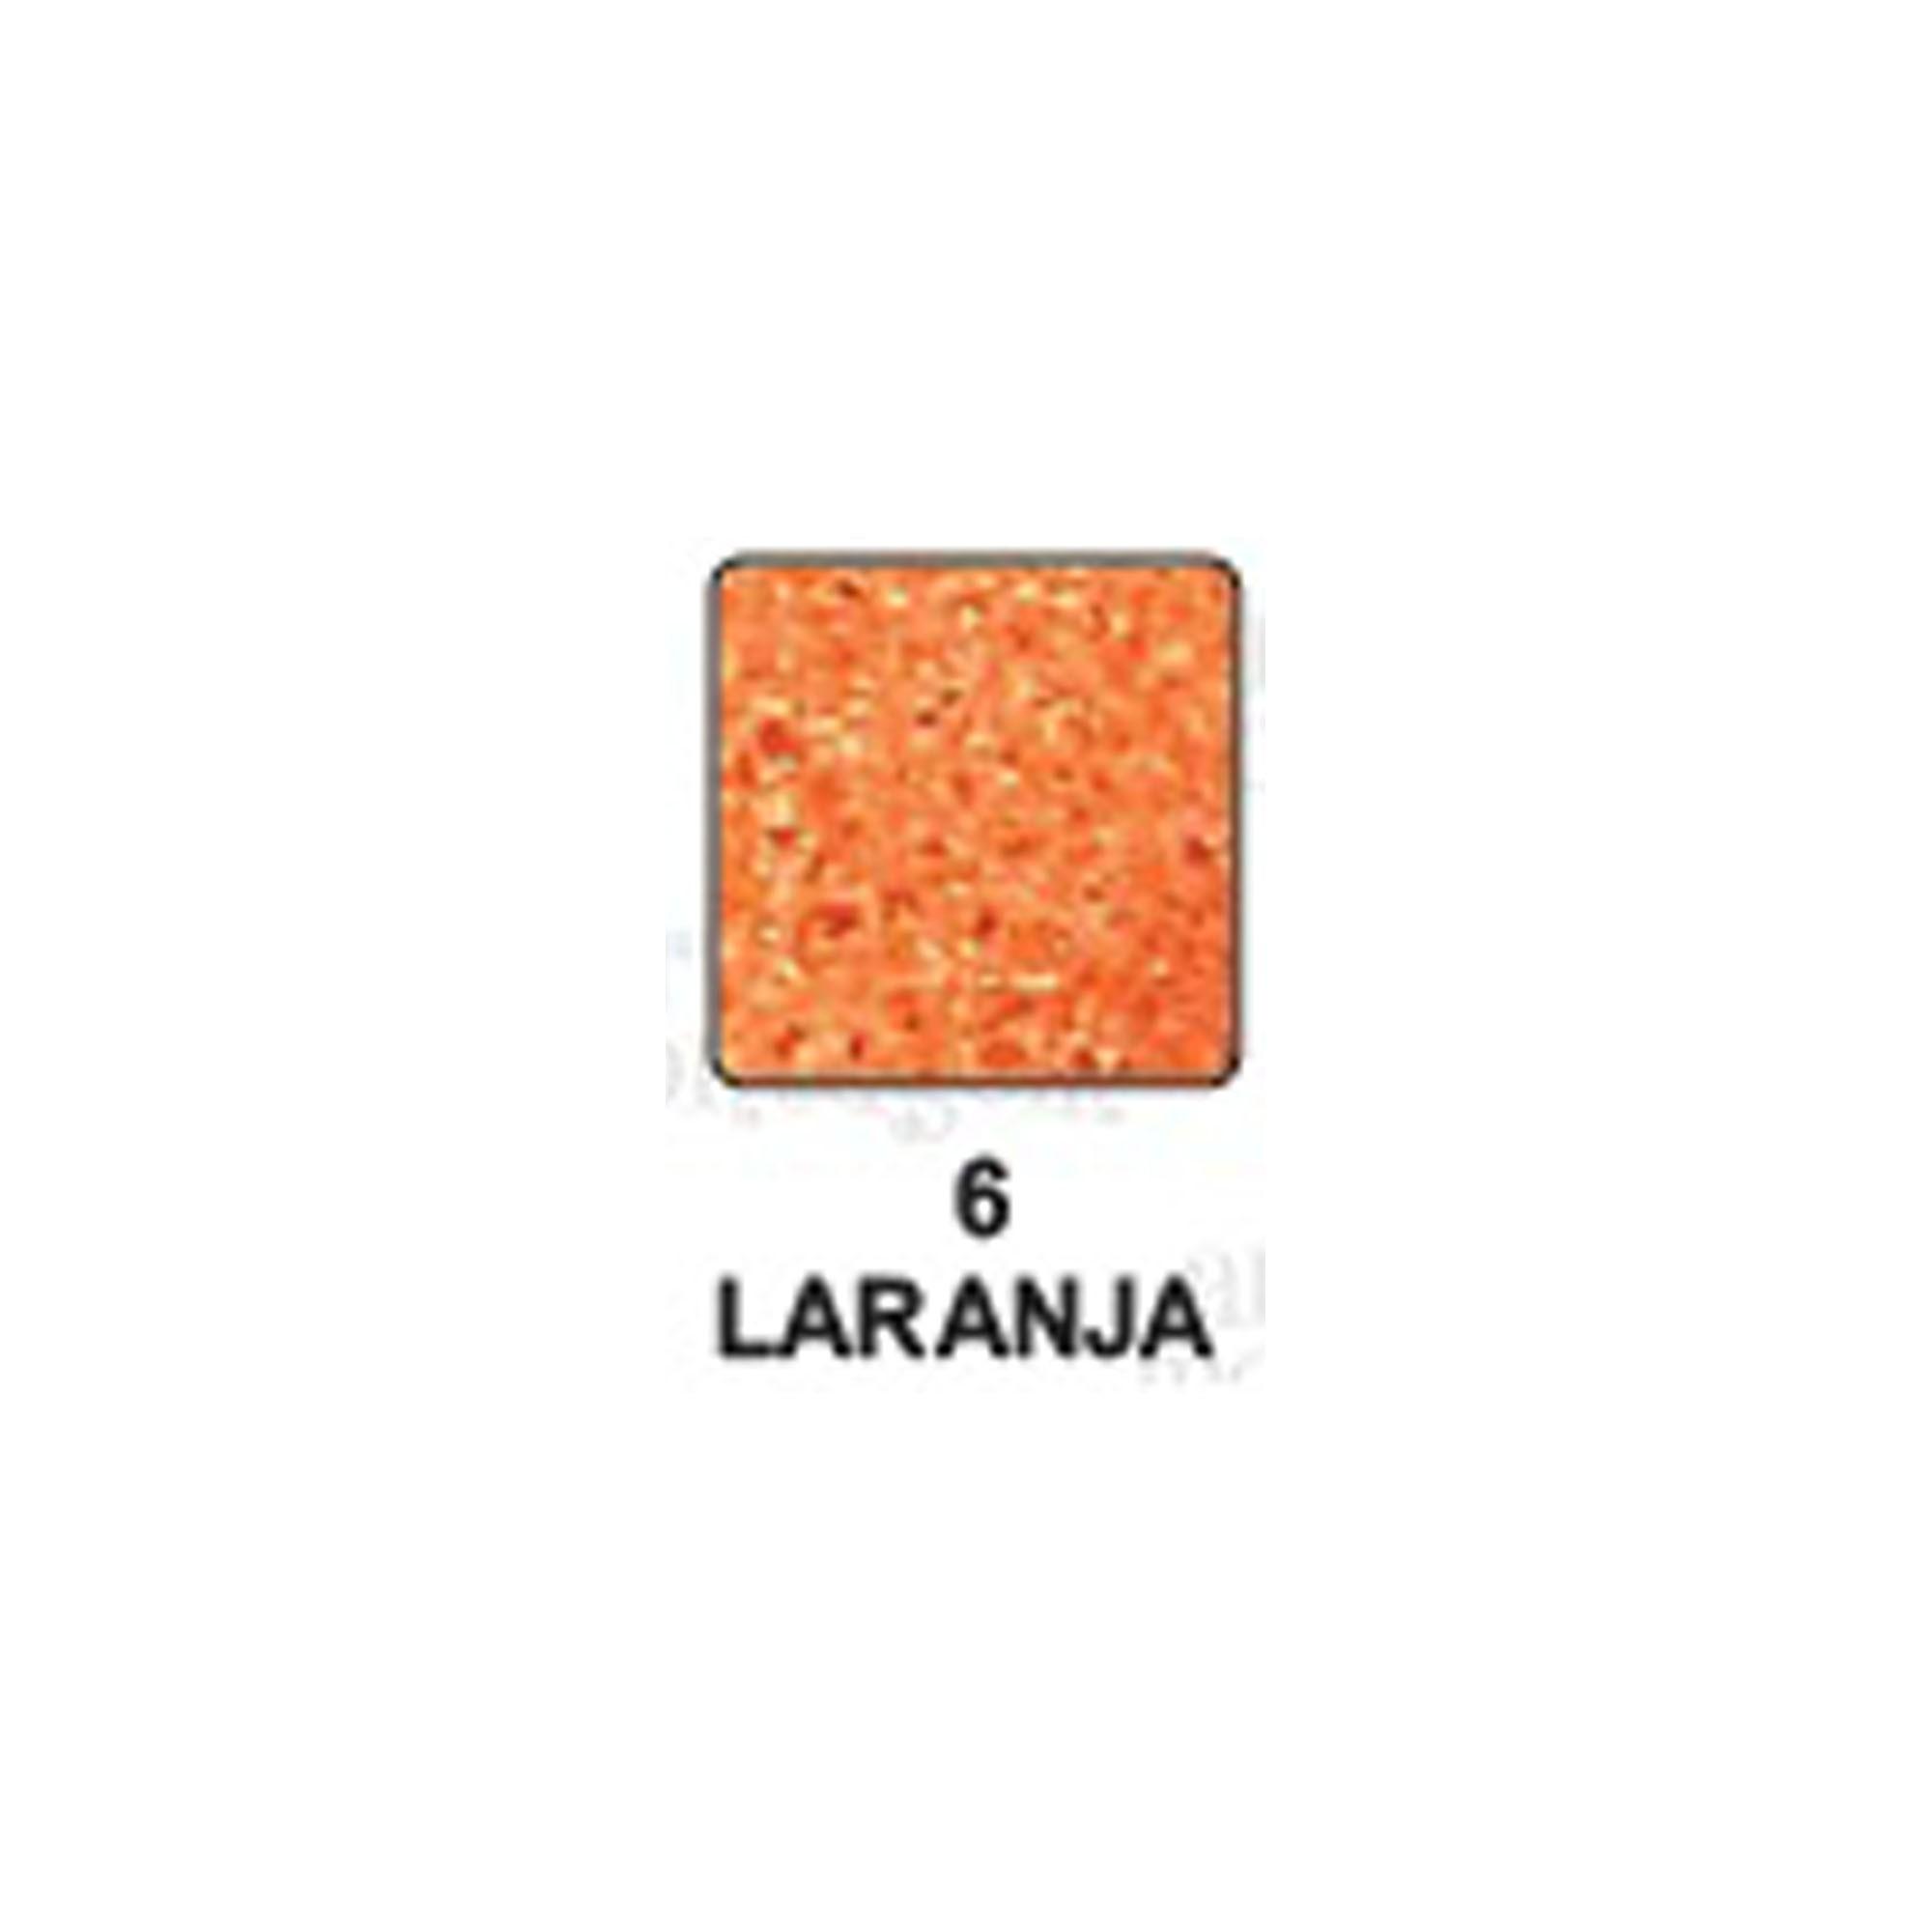 Carimbeira Art Montagem  - 3,3 x 3,3 cm - Perolada Laranja